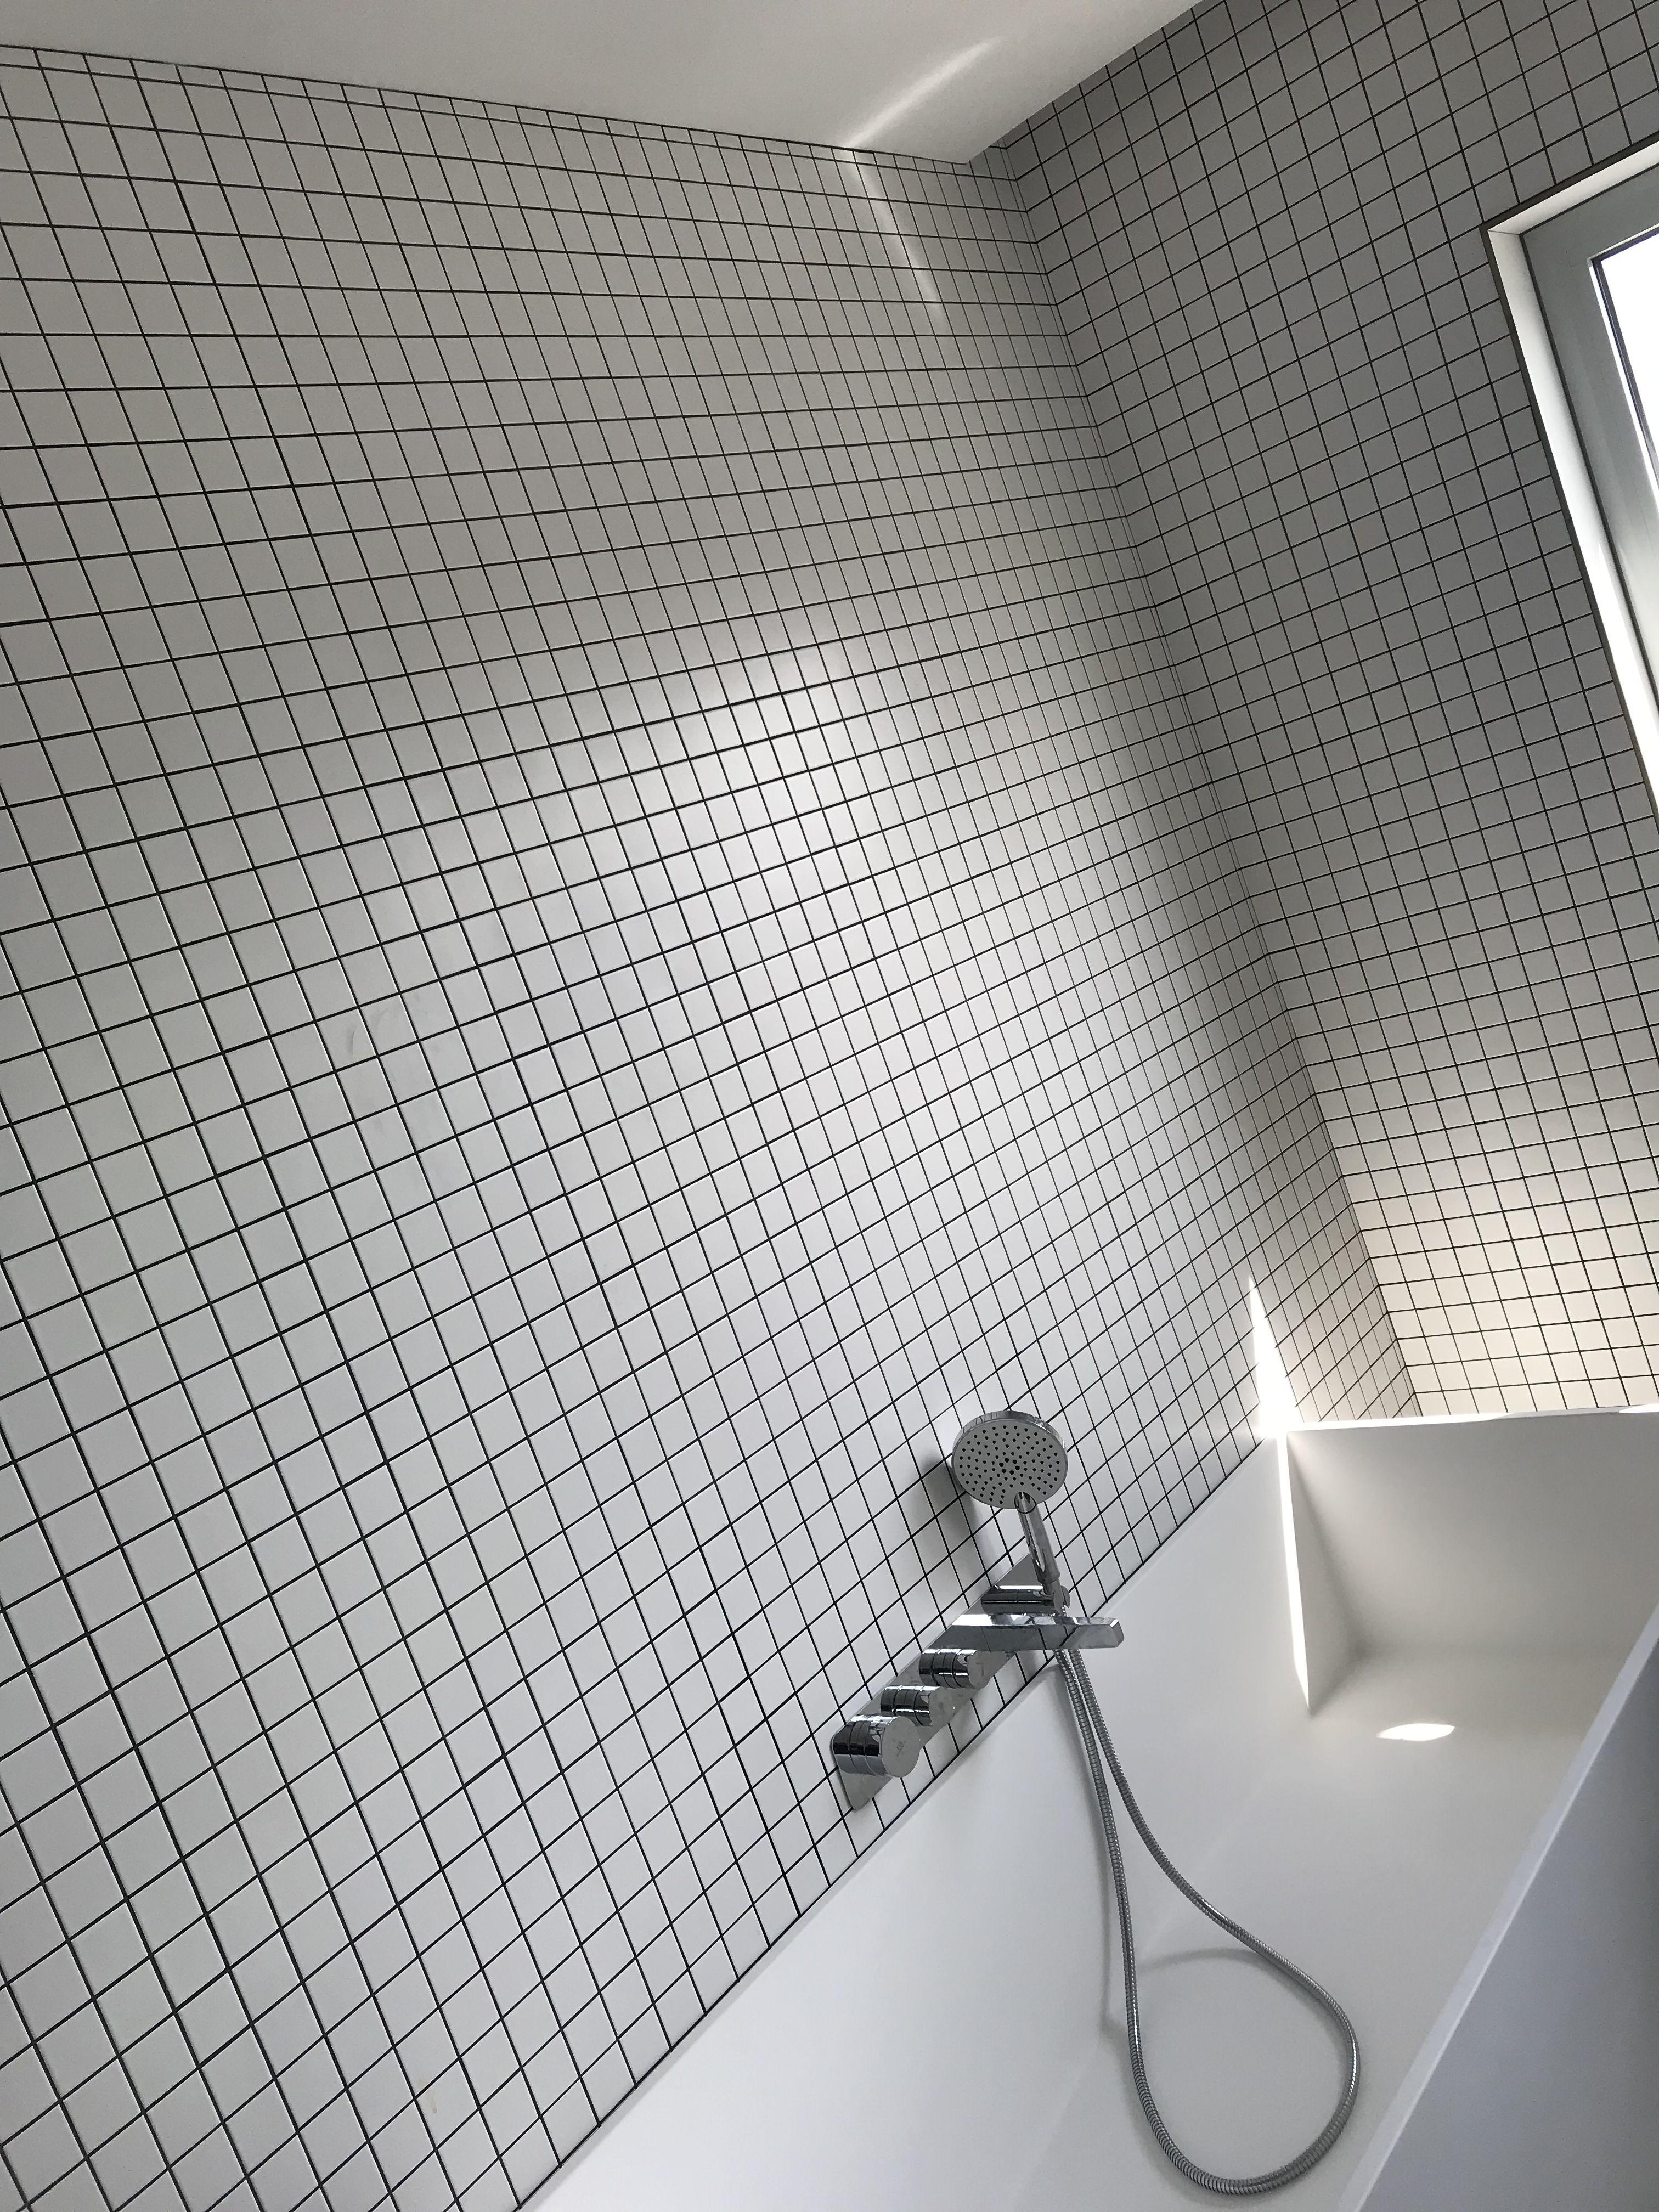 Salle de bains mosaïque blanche joints noirs #mosaic #mosaique